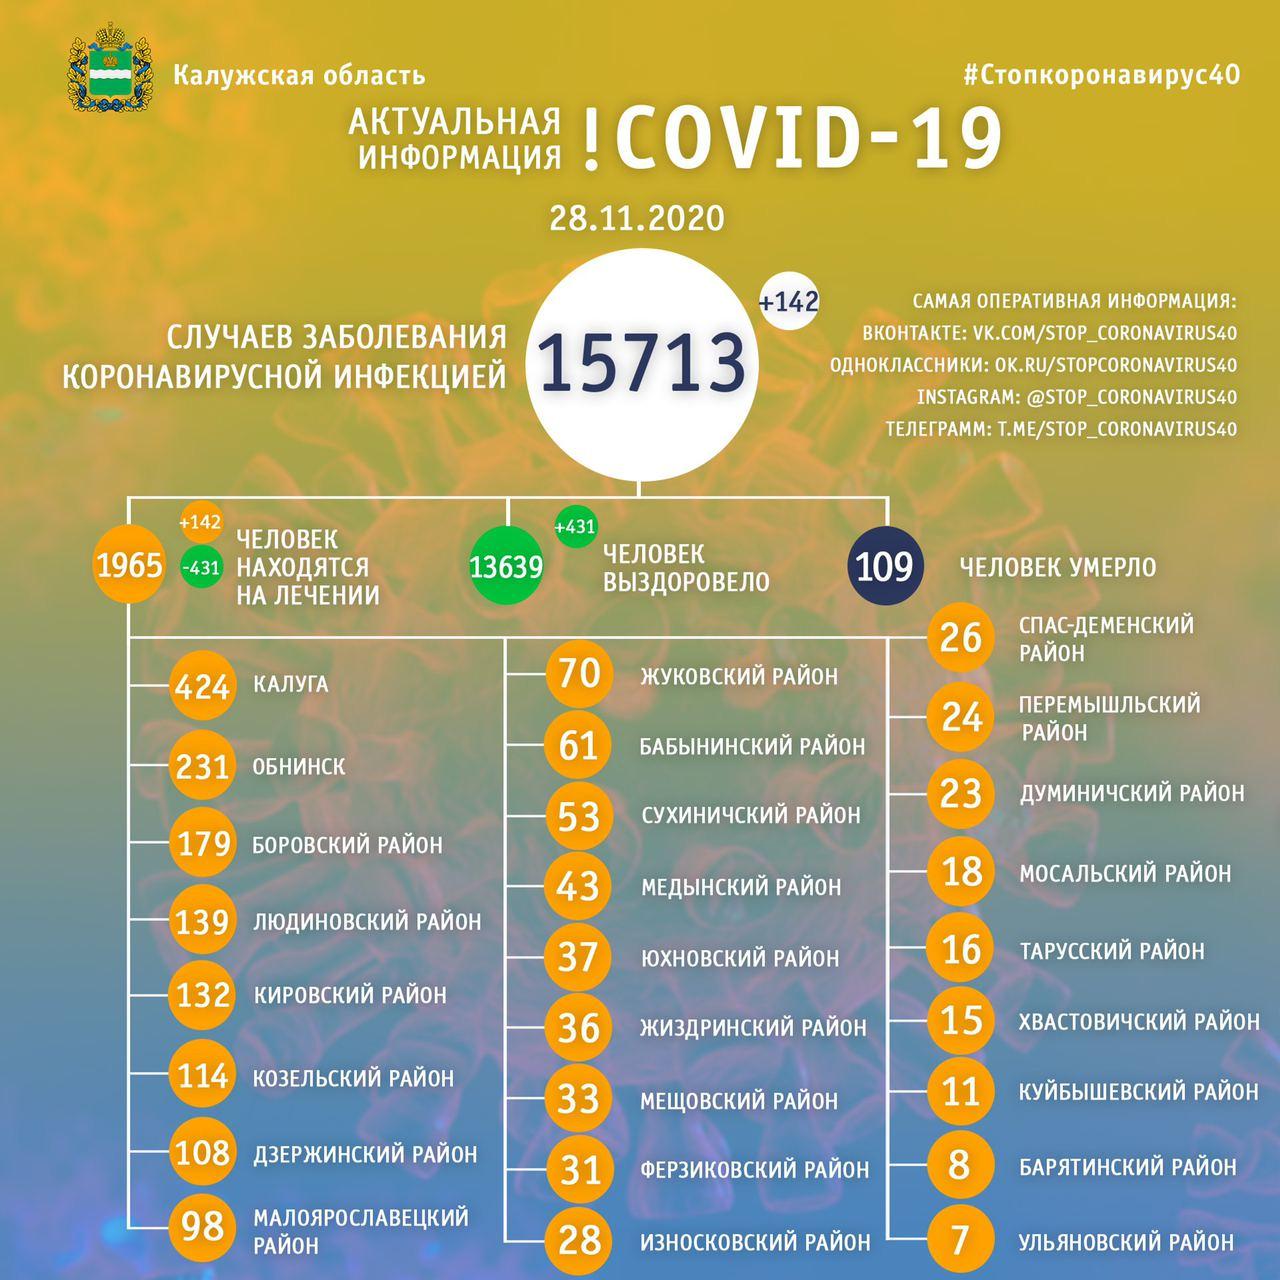 Официальная статистика по коронавирусу в Калужской области на 28 ноября 2020 года.